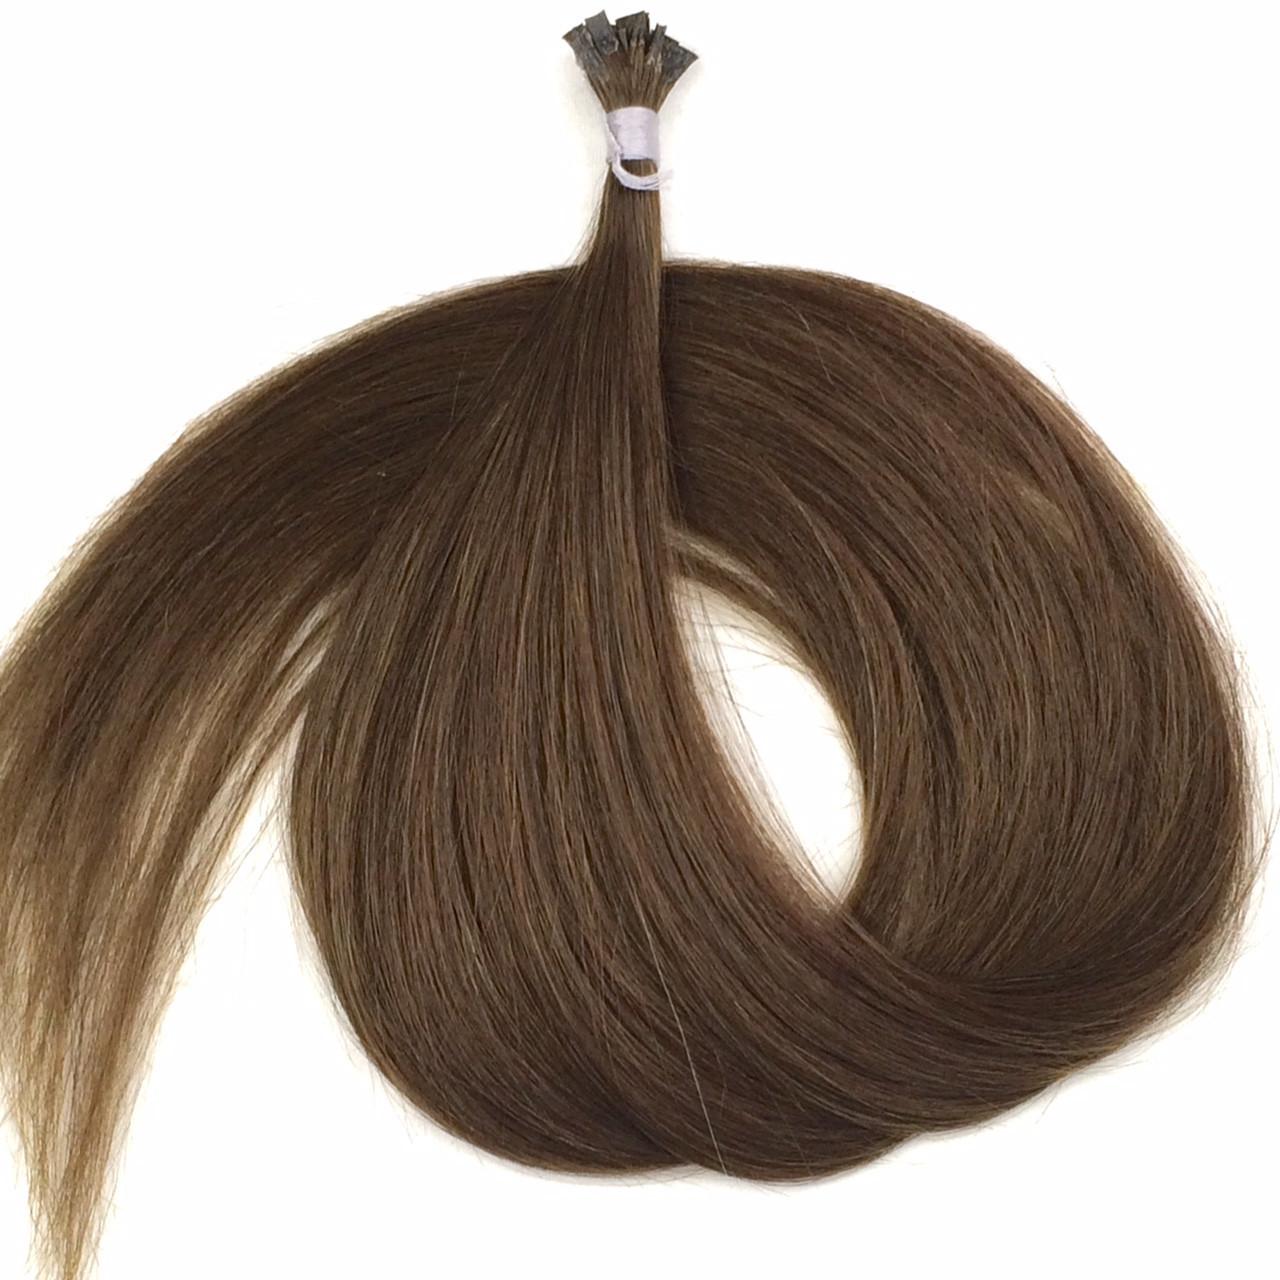 Славянские волосы на капсулах 70 см. Цвет #Натуральный русый, фото 1